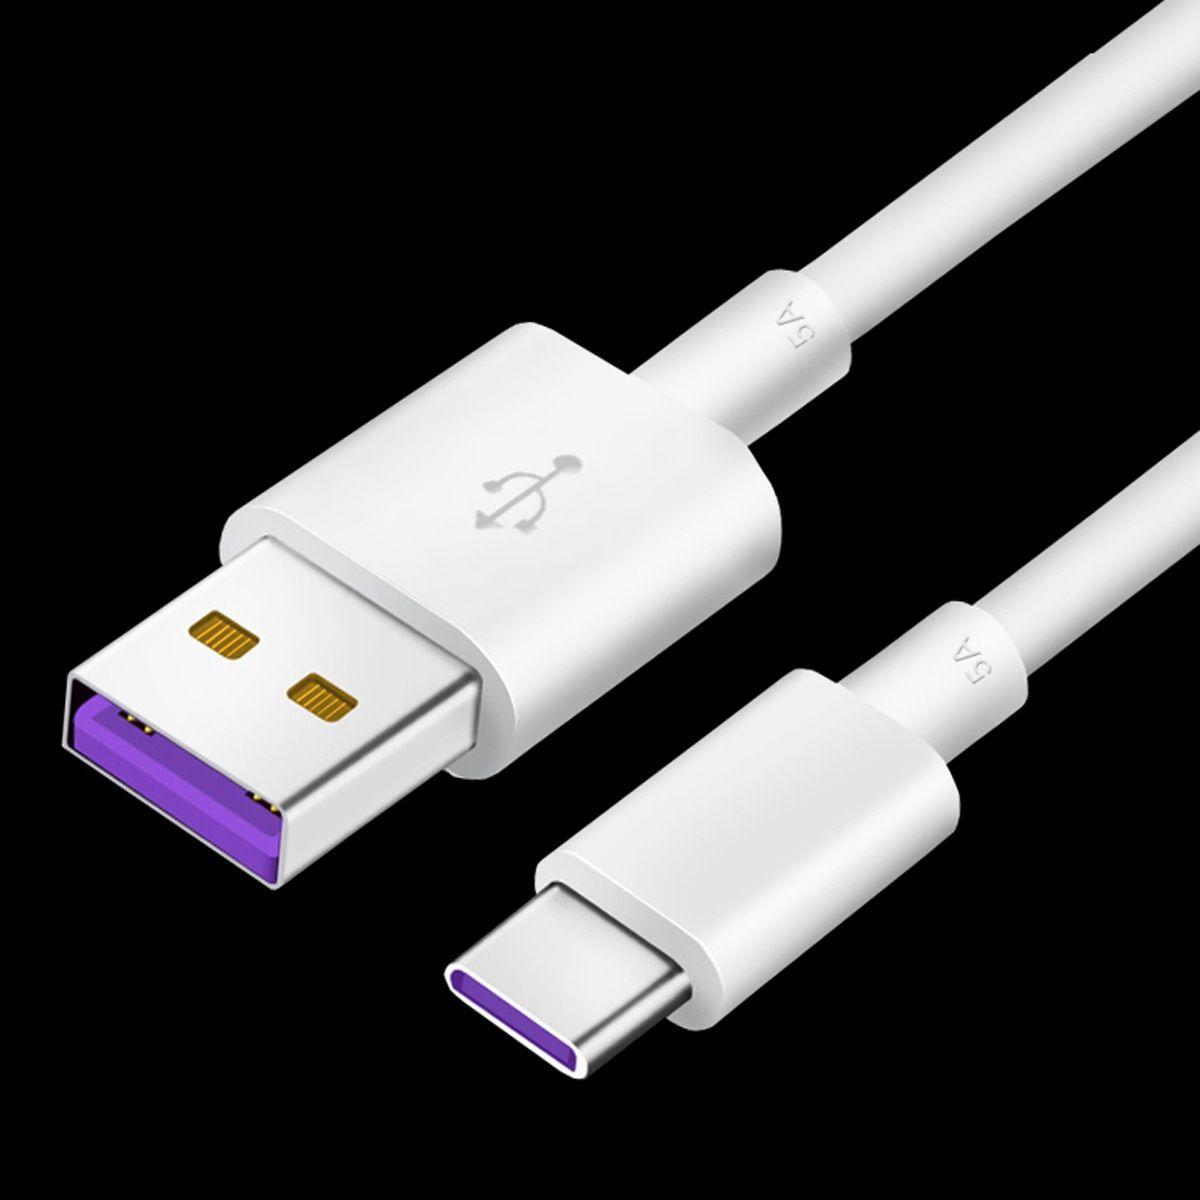 Cable de carga rápida 5V 5A Tipo-C a USB Cable de datos para Huawei Mate 9 P20 P10 Tablet Phone